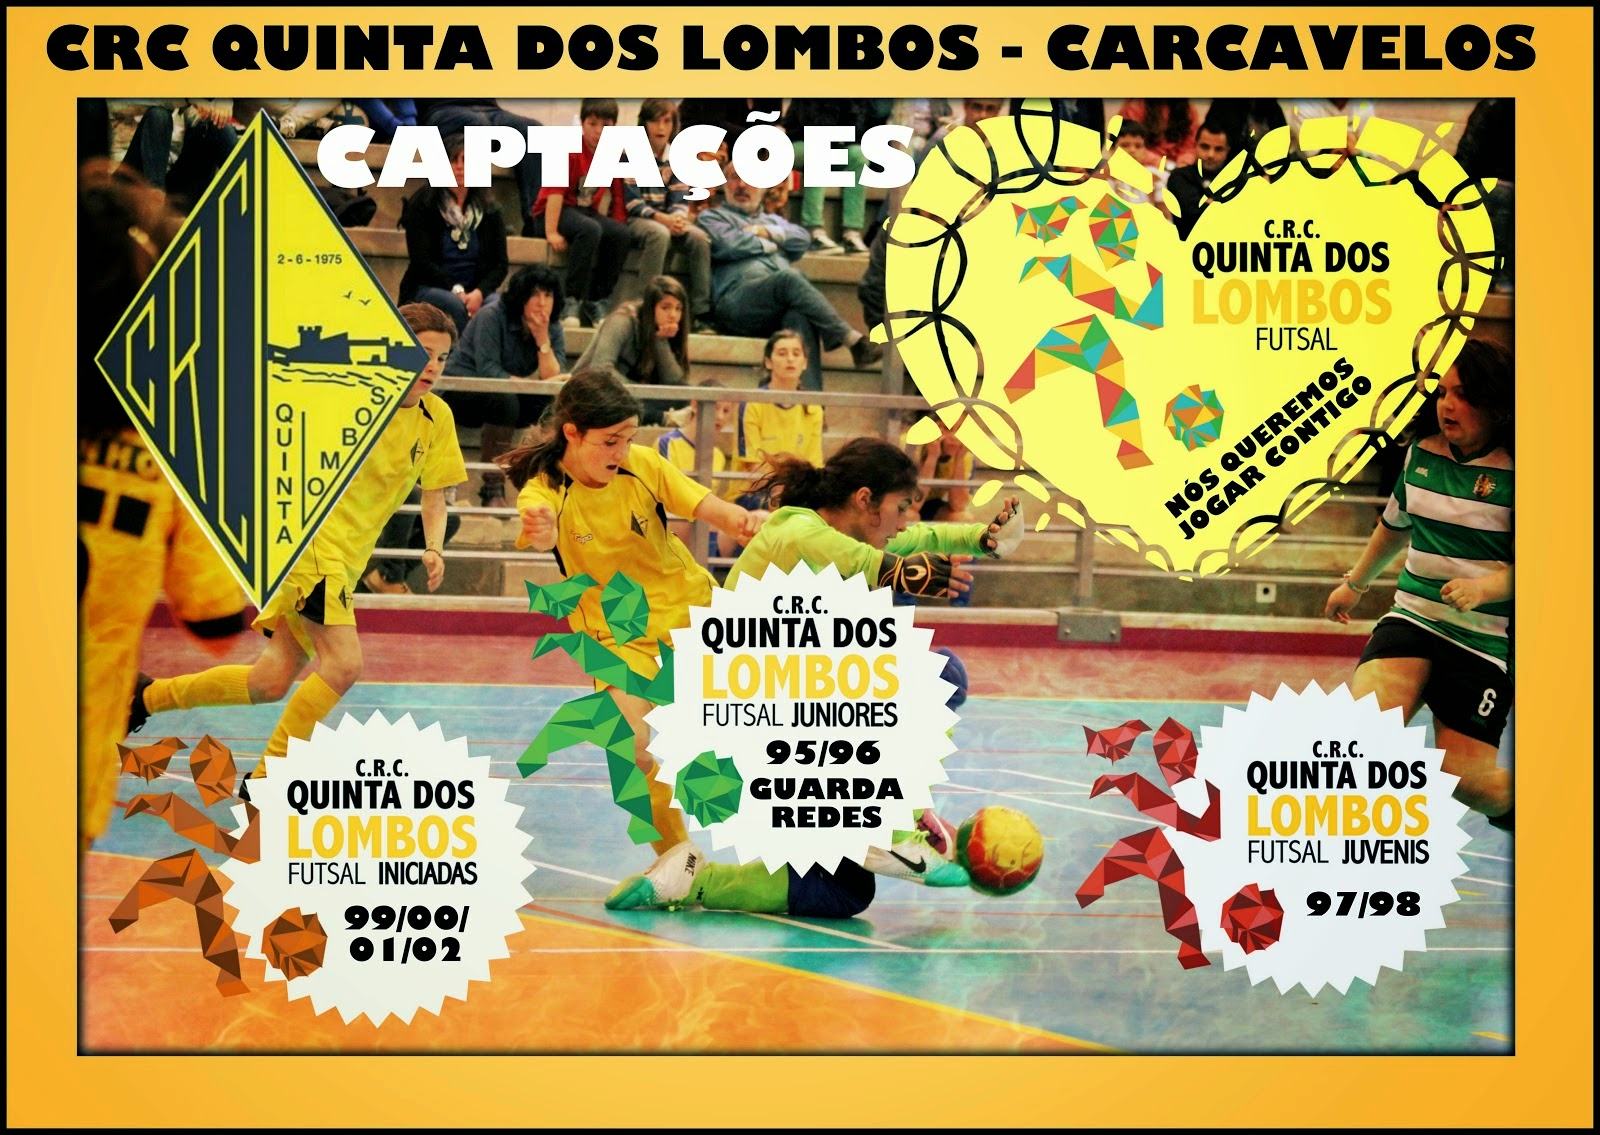 CAPTAÇÕES 2014-2015